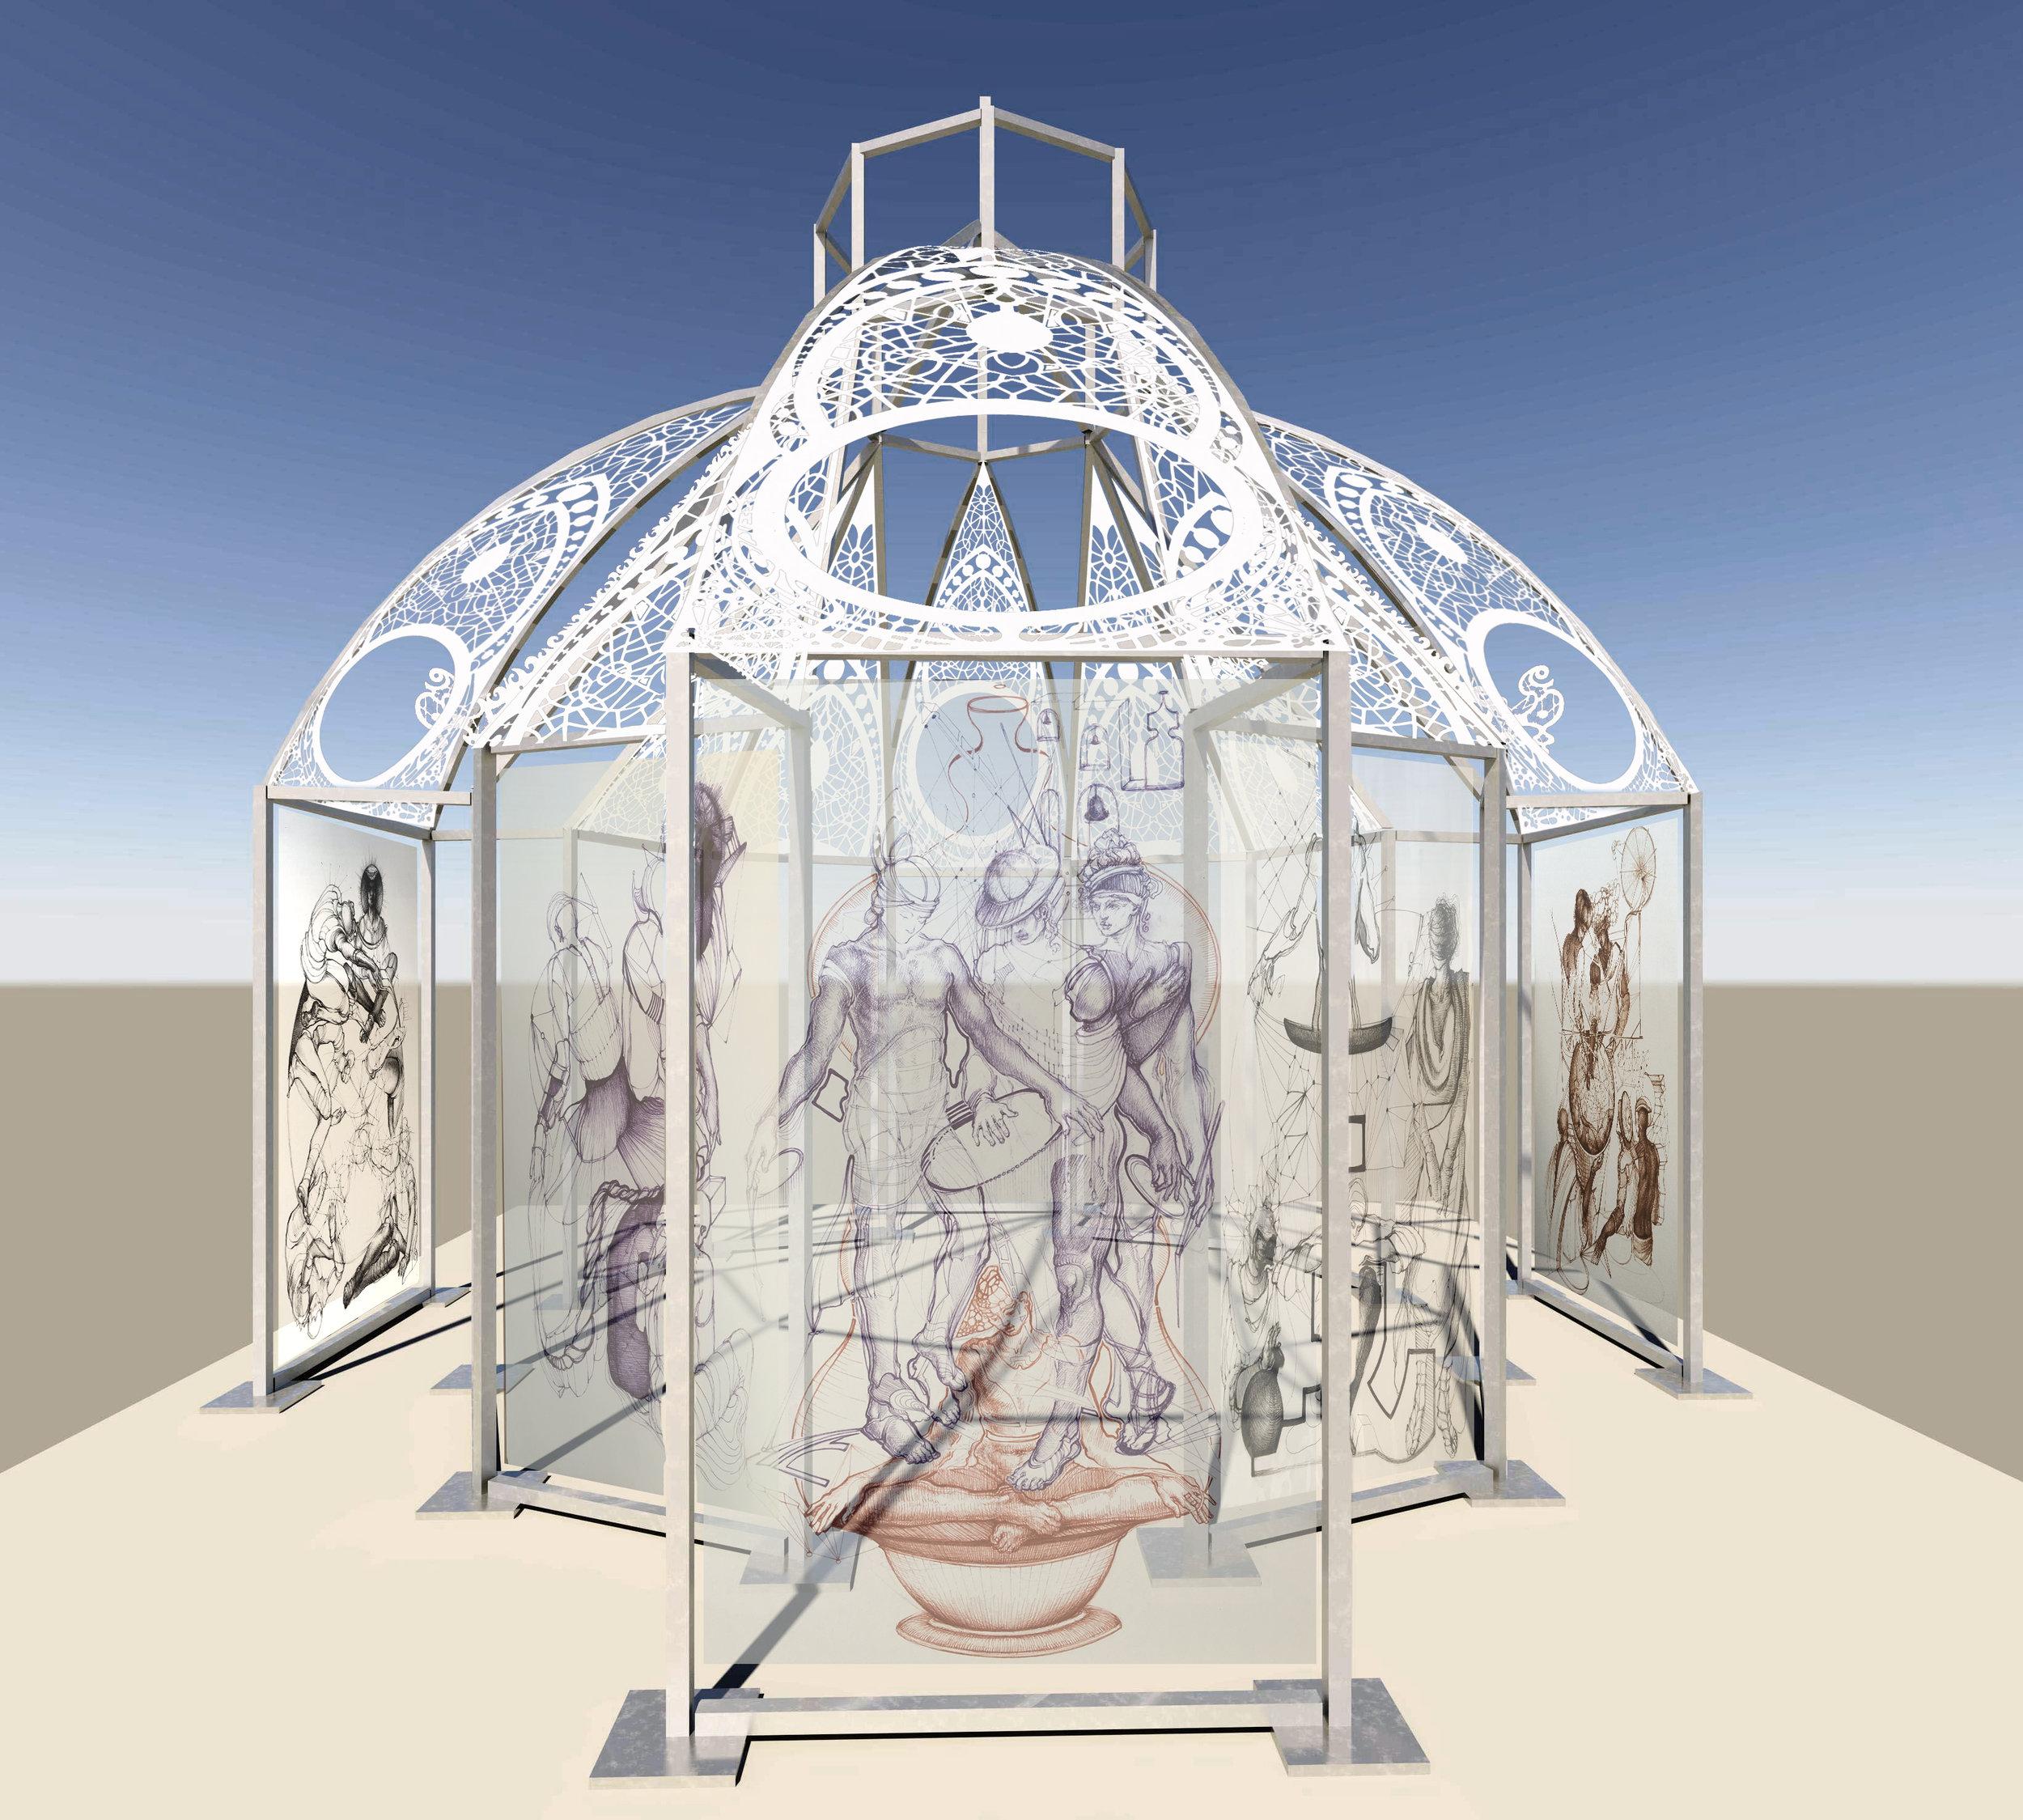 Maria Kreyn  - chapel of dancing shadows rendering.jpg